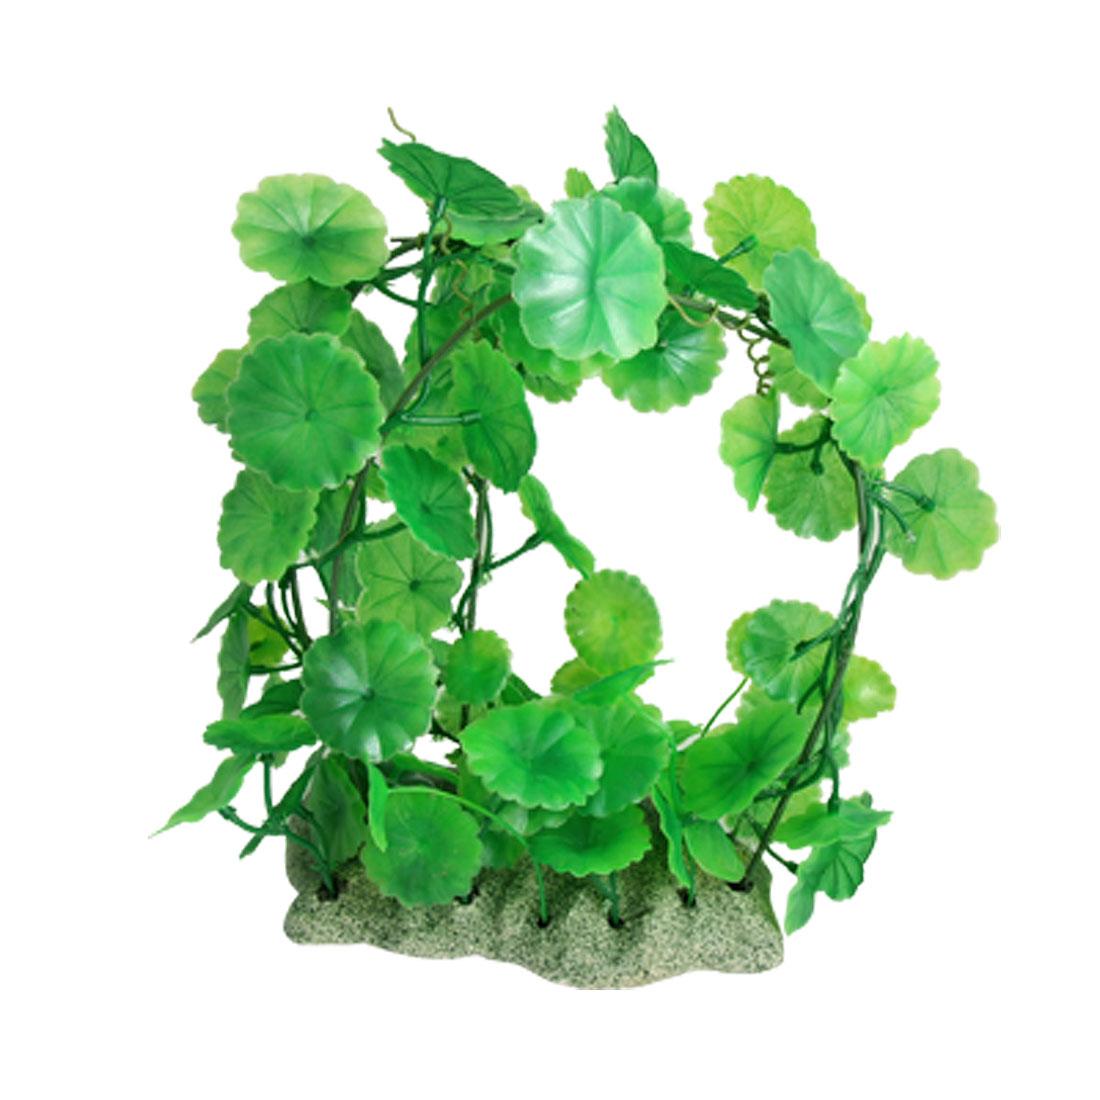 Green Plastic Orbicular Leaf Plant Vines Aquarium Ornament